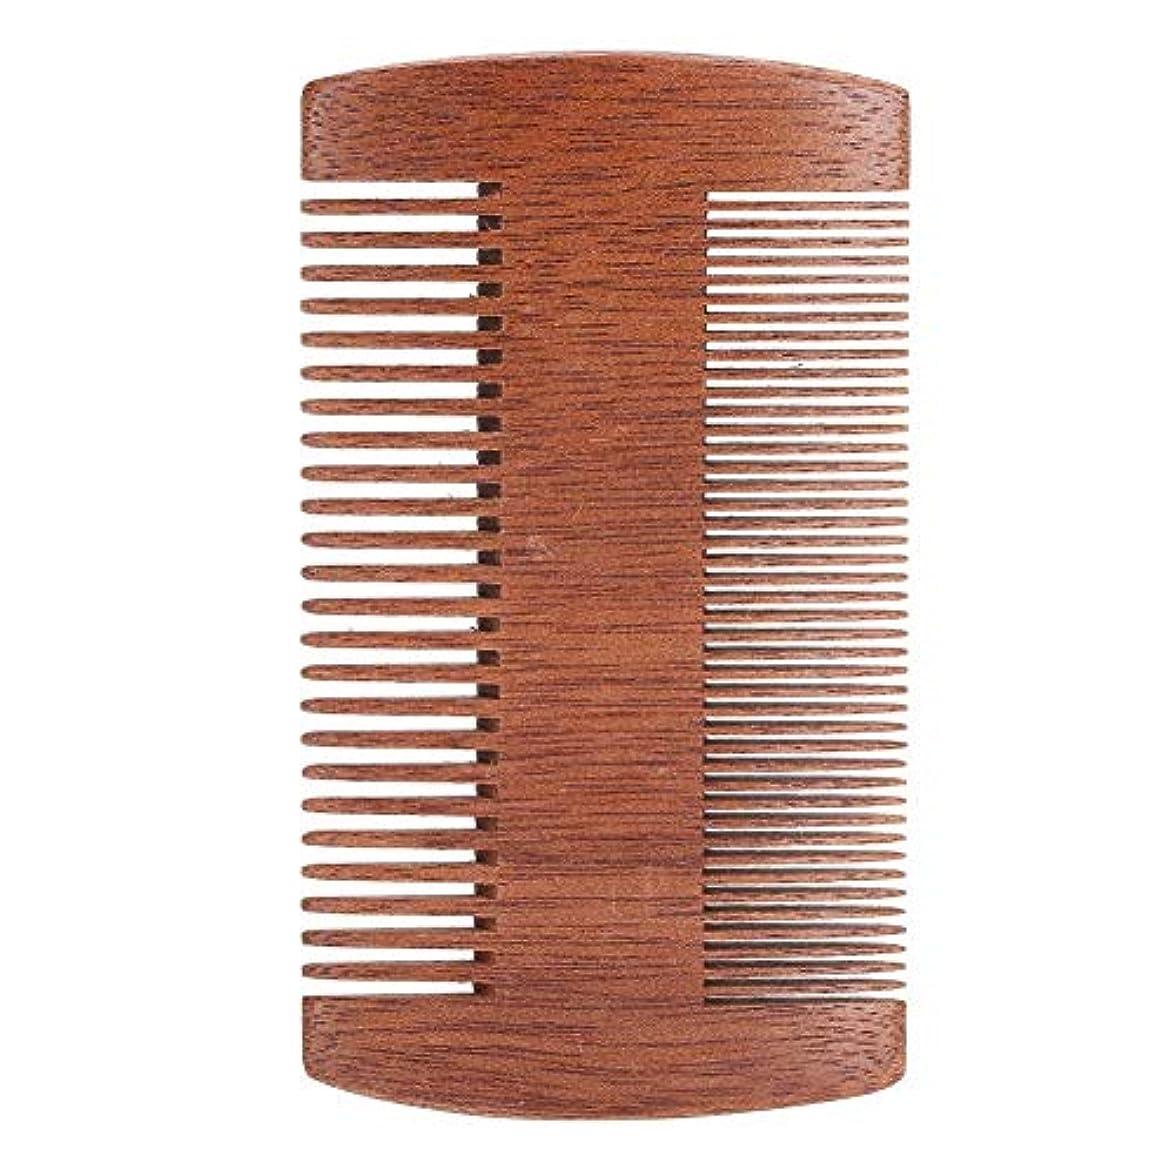 上げる思春期の構造的サンダルウッド帯電防止口ひげスタイリングくしツール